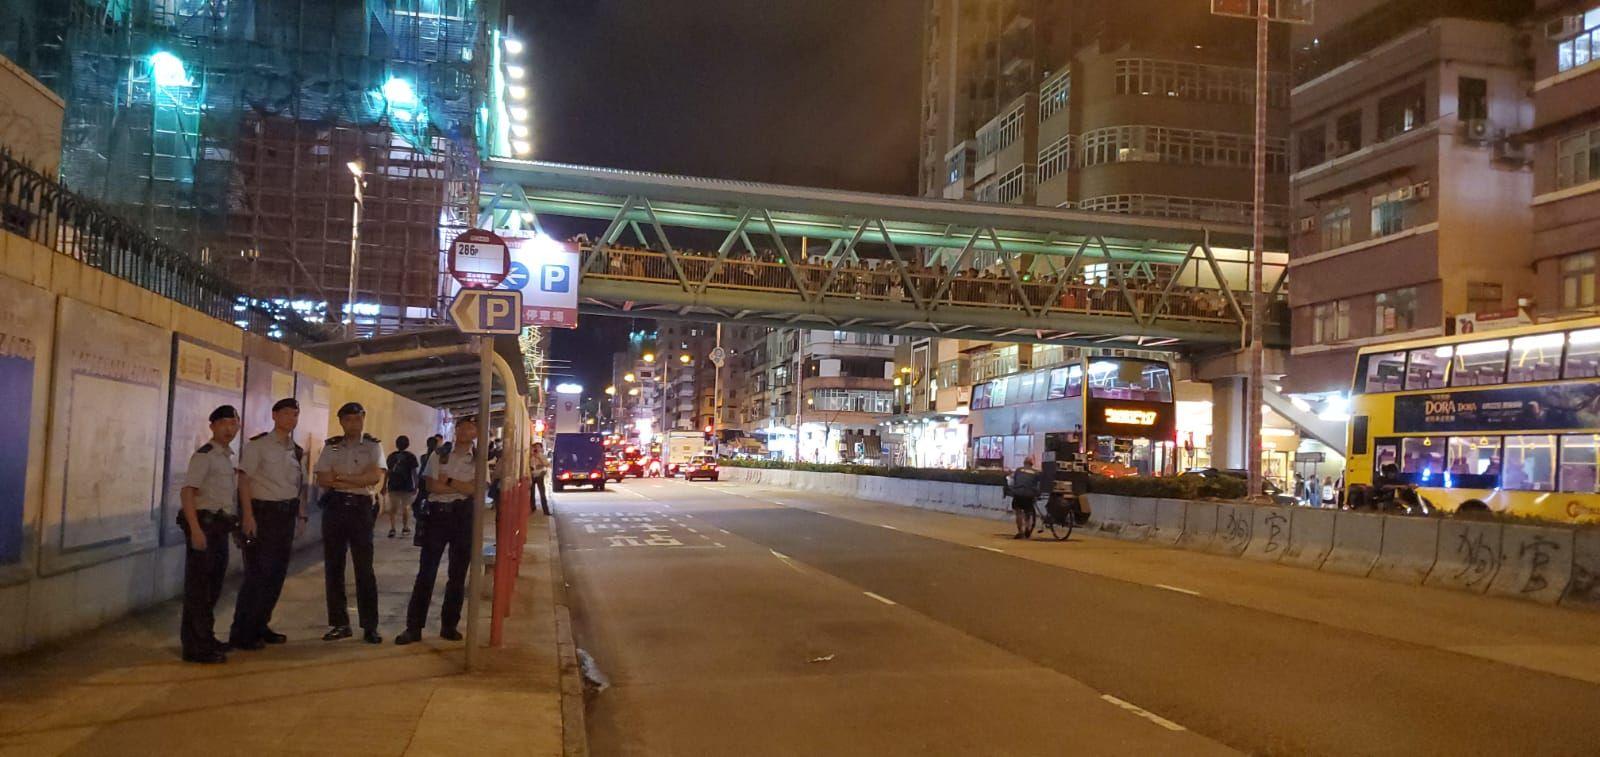 【逃犯條例】深水埗警署外「激光燒衣」 警方警告將用催淚煙